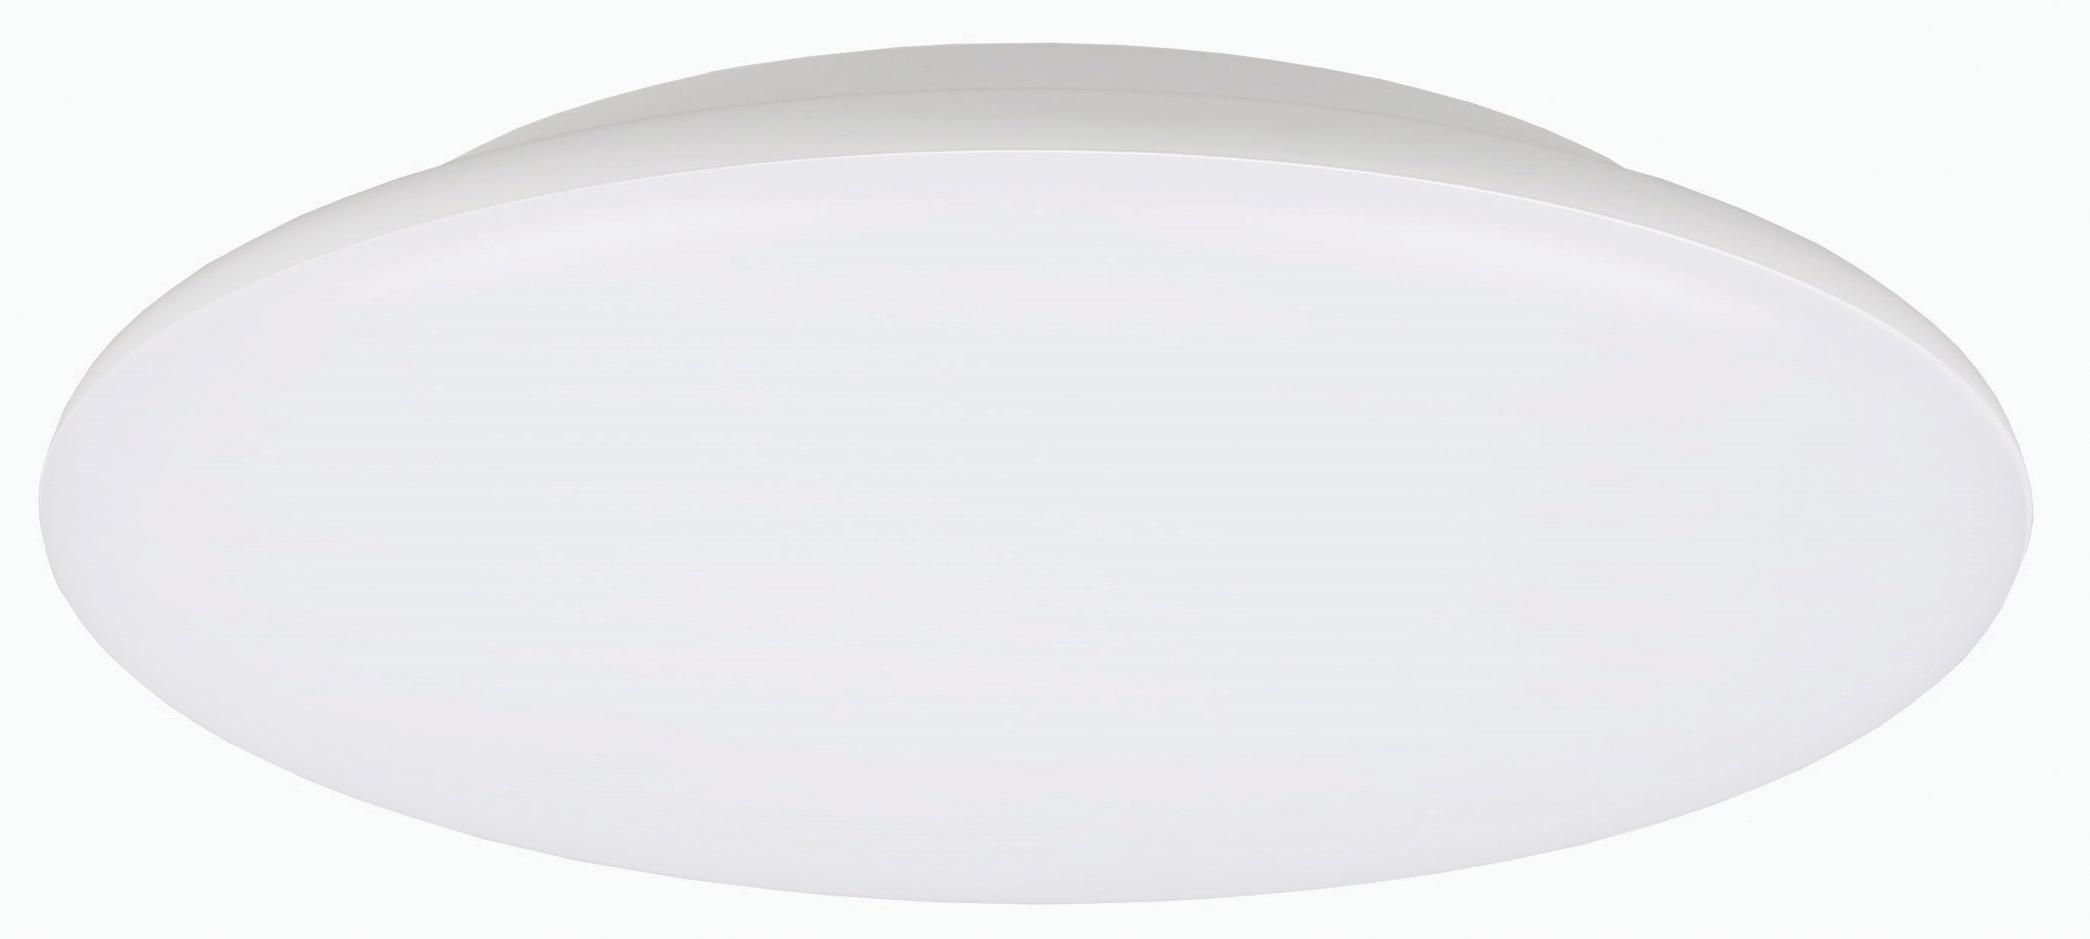 LED Wand- / Deckenleuchte IP 40 - dimmbar